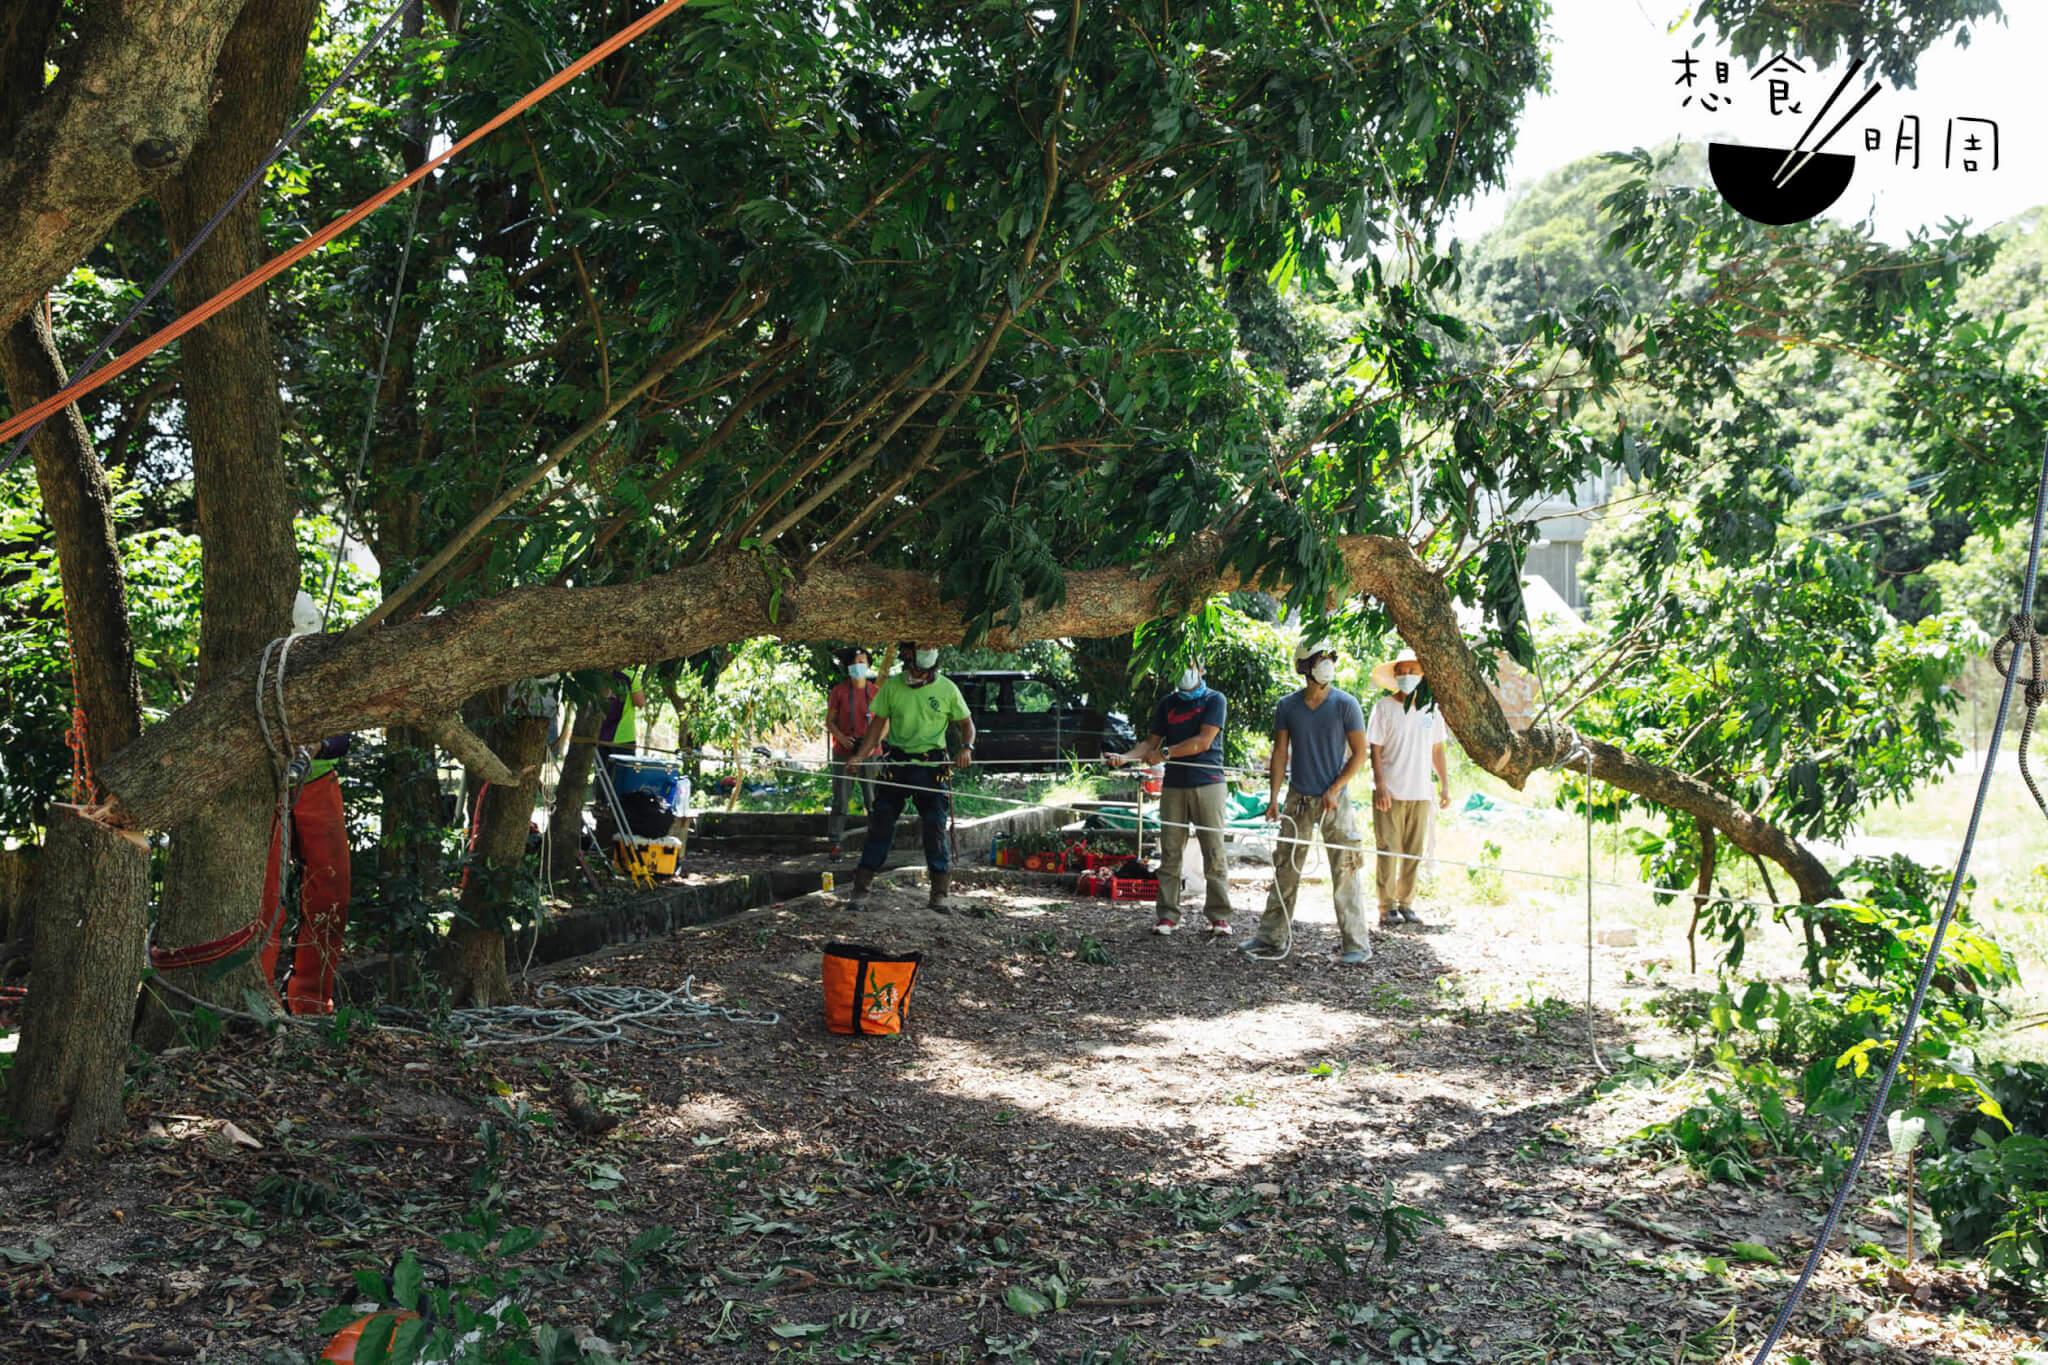 砍樹的方法有好多種。都市樹人多車多, 多半需要吊車從上而下砍件。在郊外若有 空地,就可以在地上配合如像繩網陣的溜纜系統,以人手操作鏈鋸開出open faced開口,把樹緩緩砍落,有尊 嚴地落在塵土。